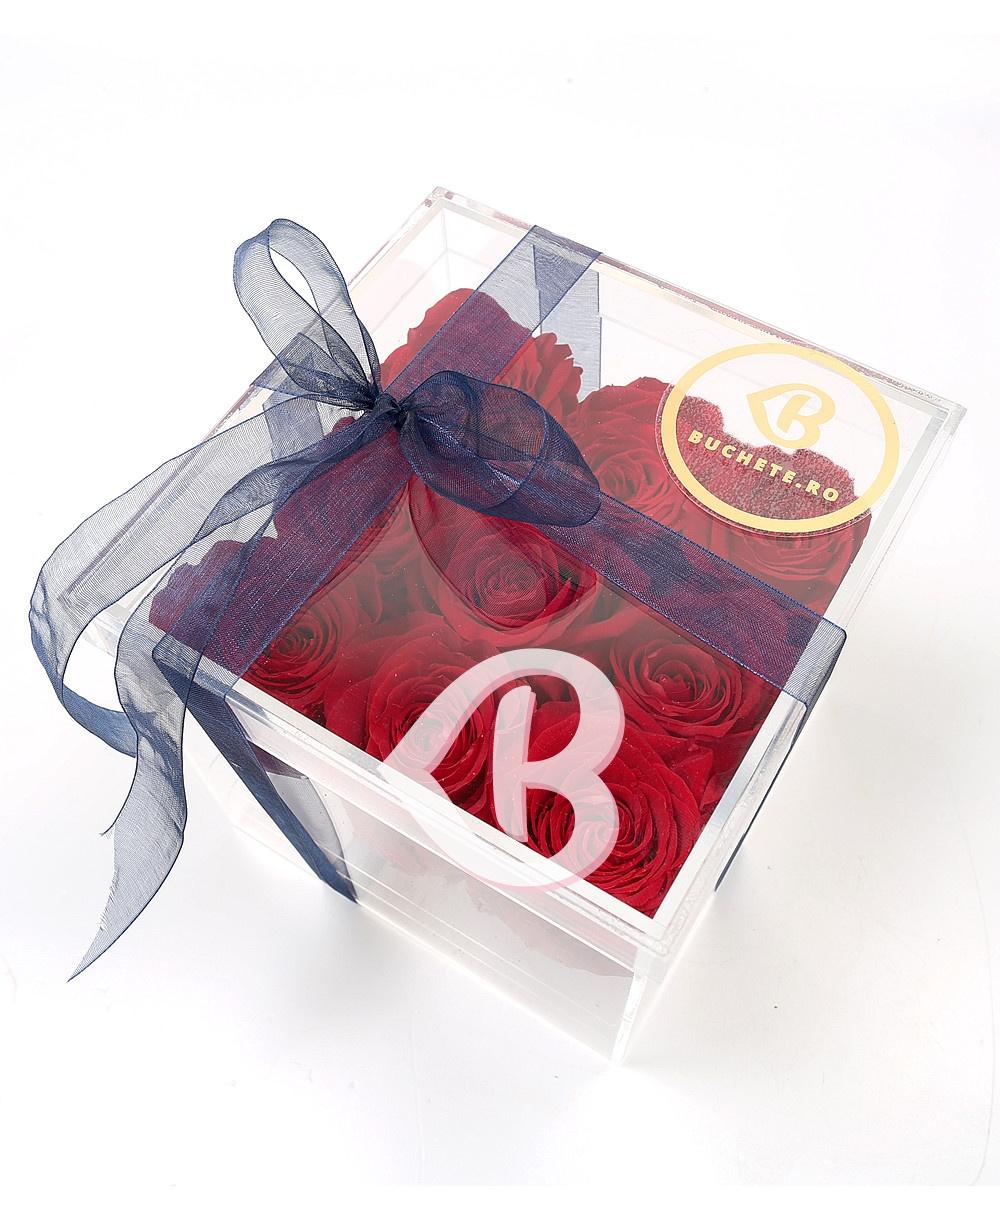 Imaginea produsului Cutie Acrilică Cu 9 Trandafiri Criogenați